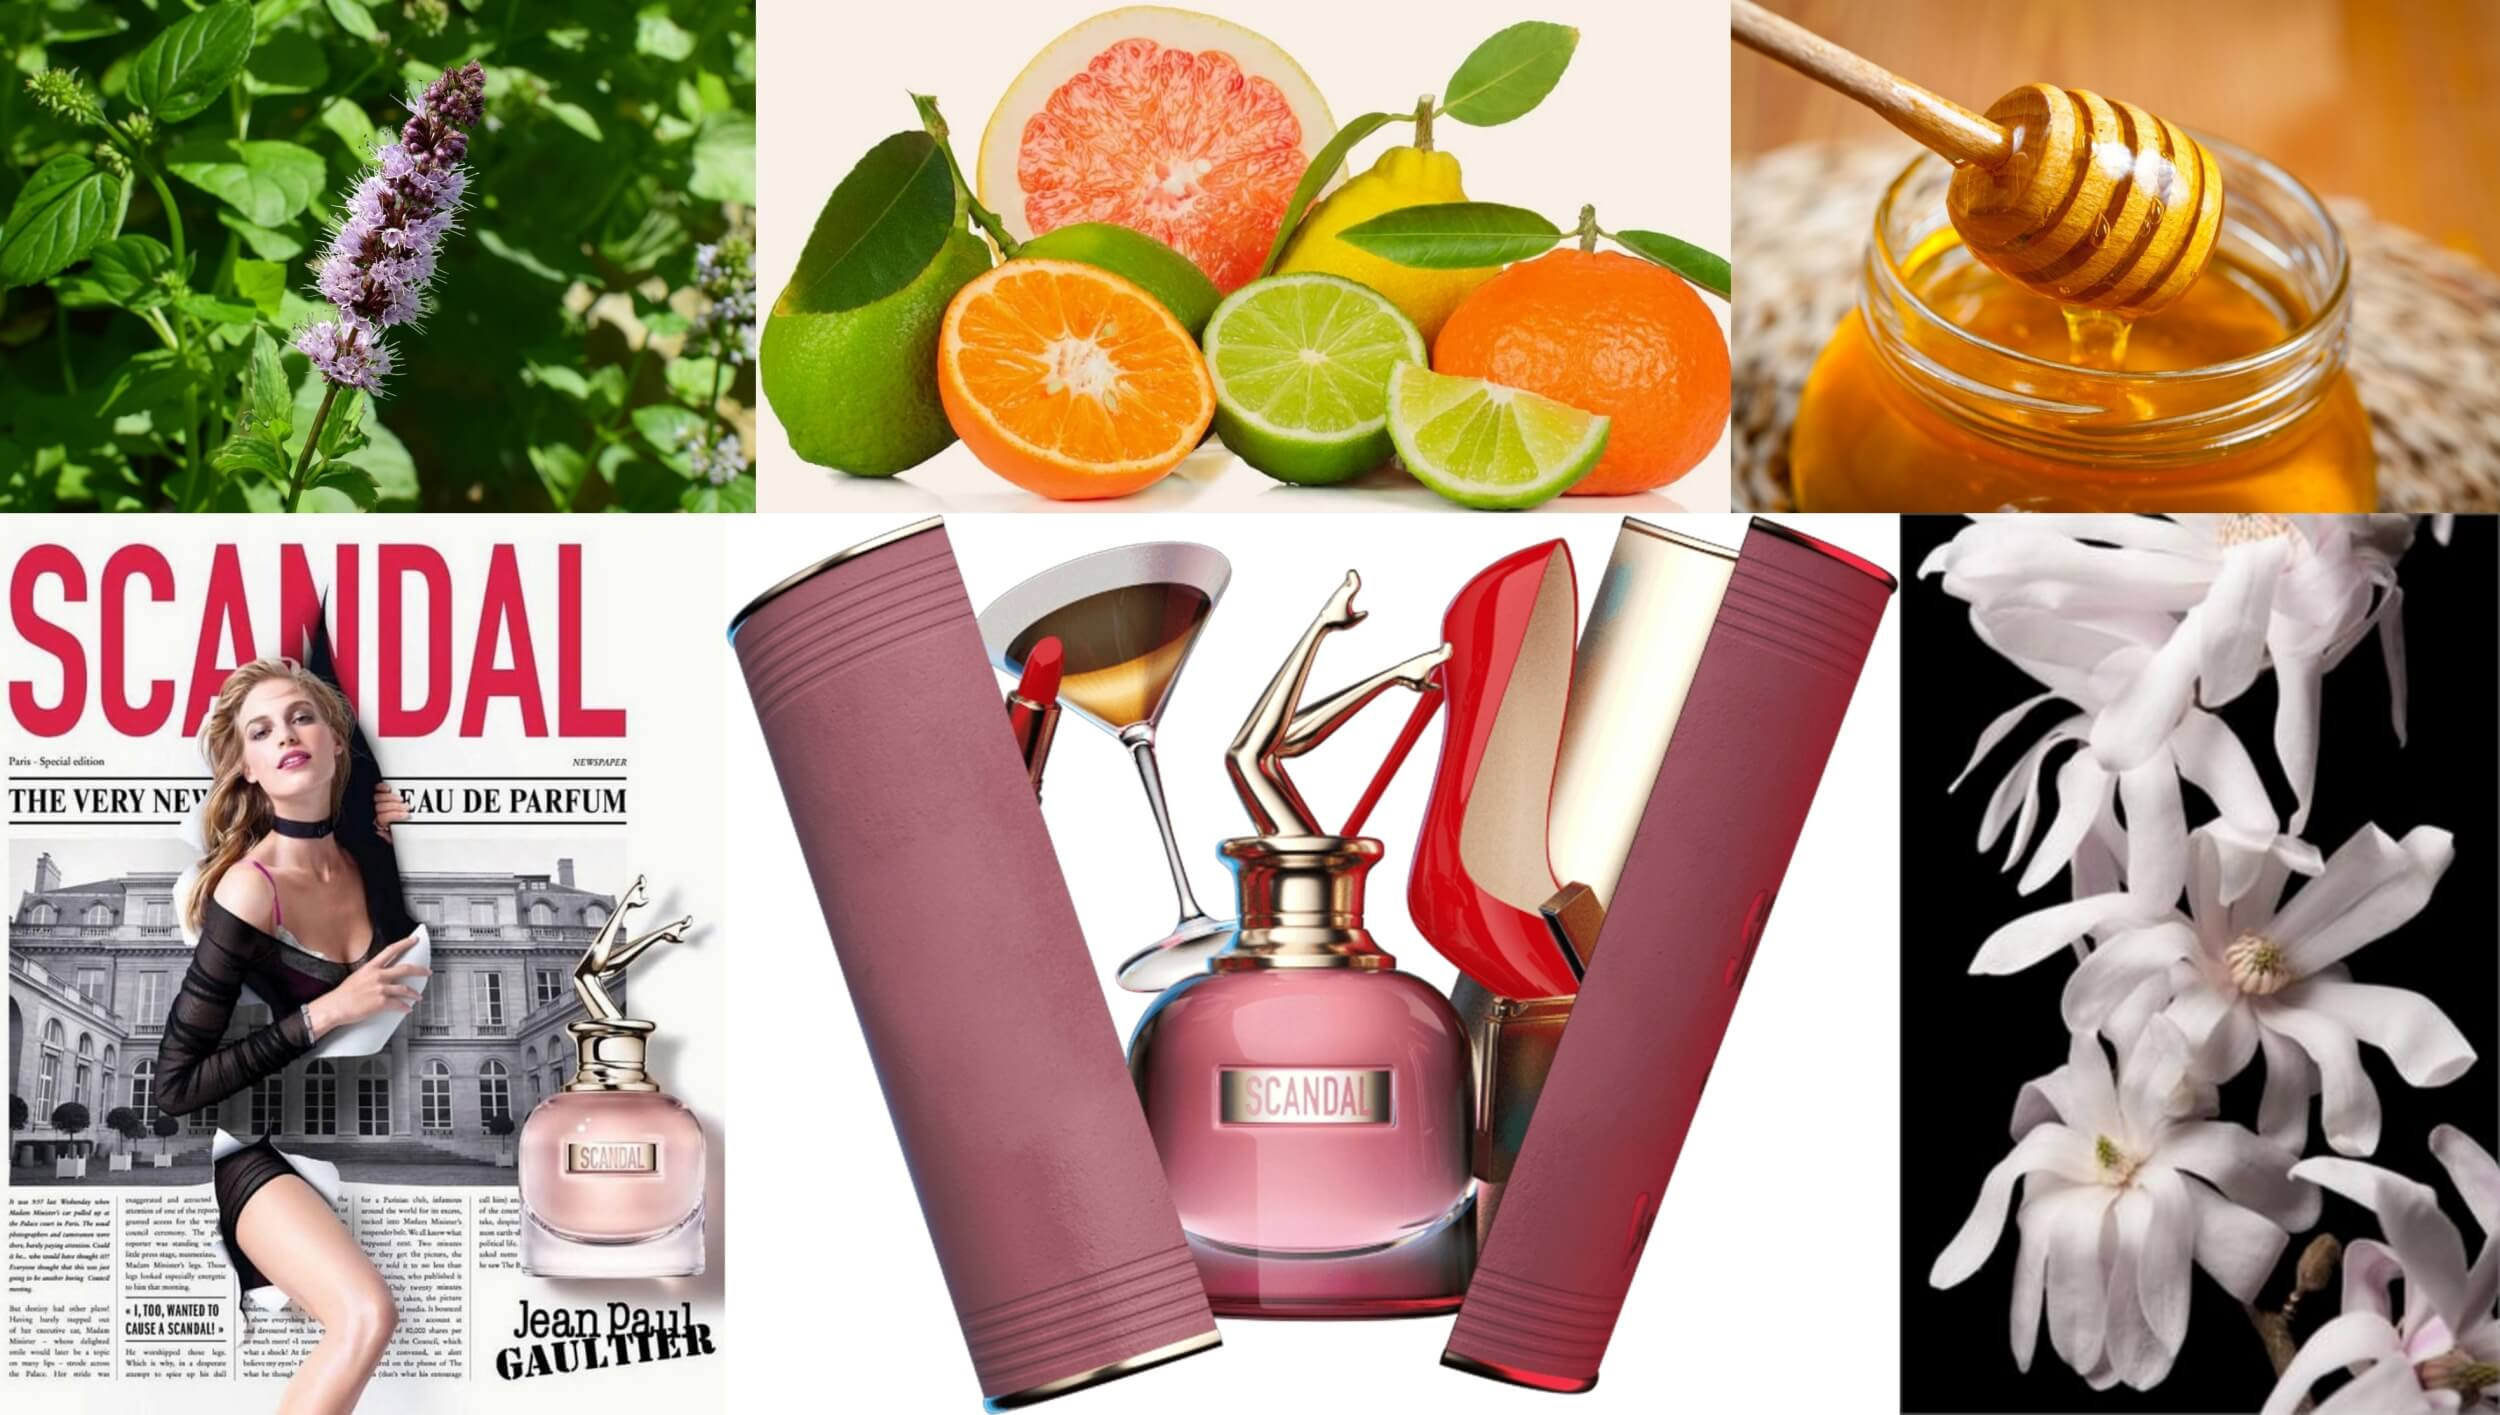 jean paul gaultier scandel women perfumes